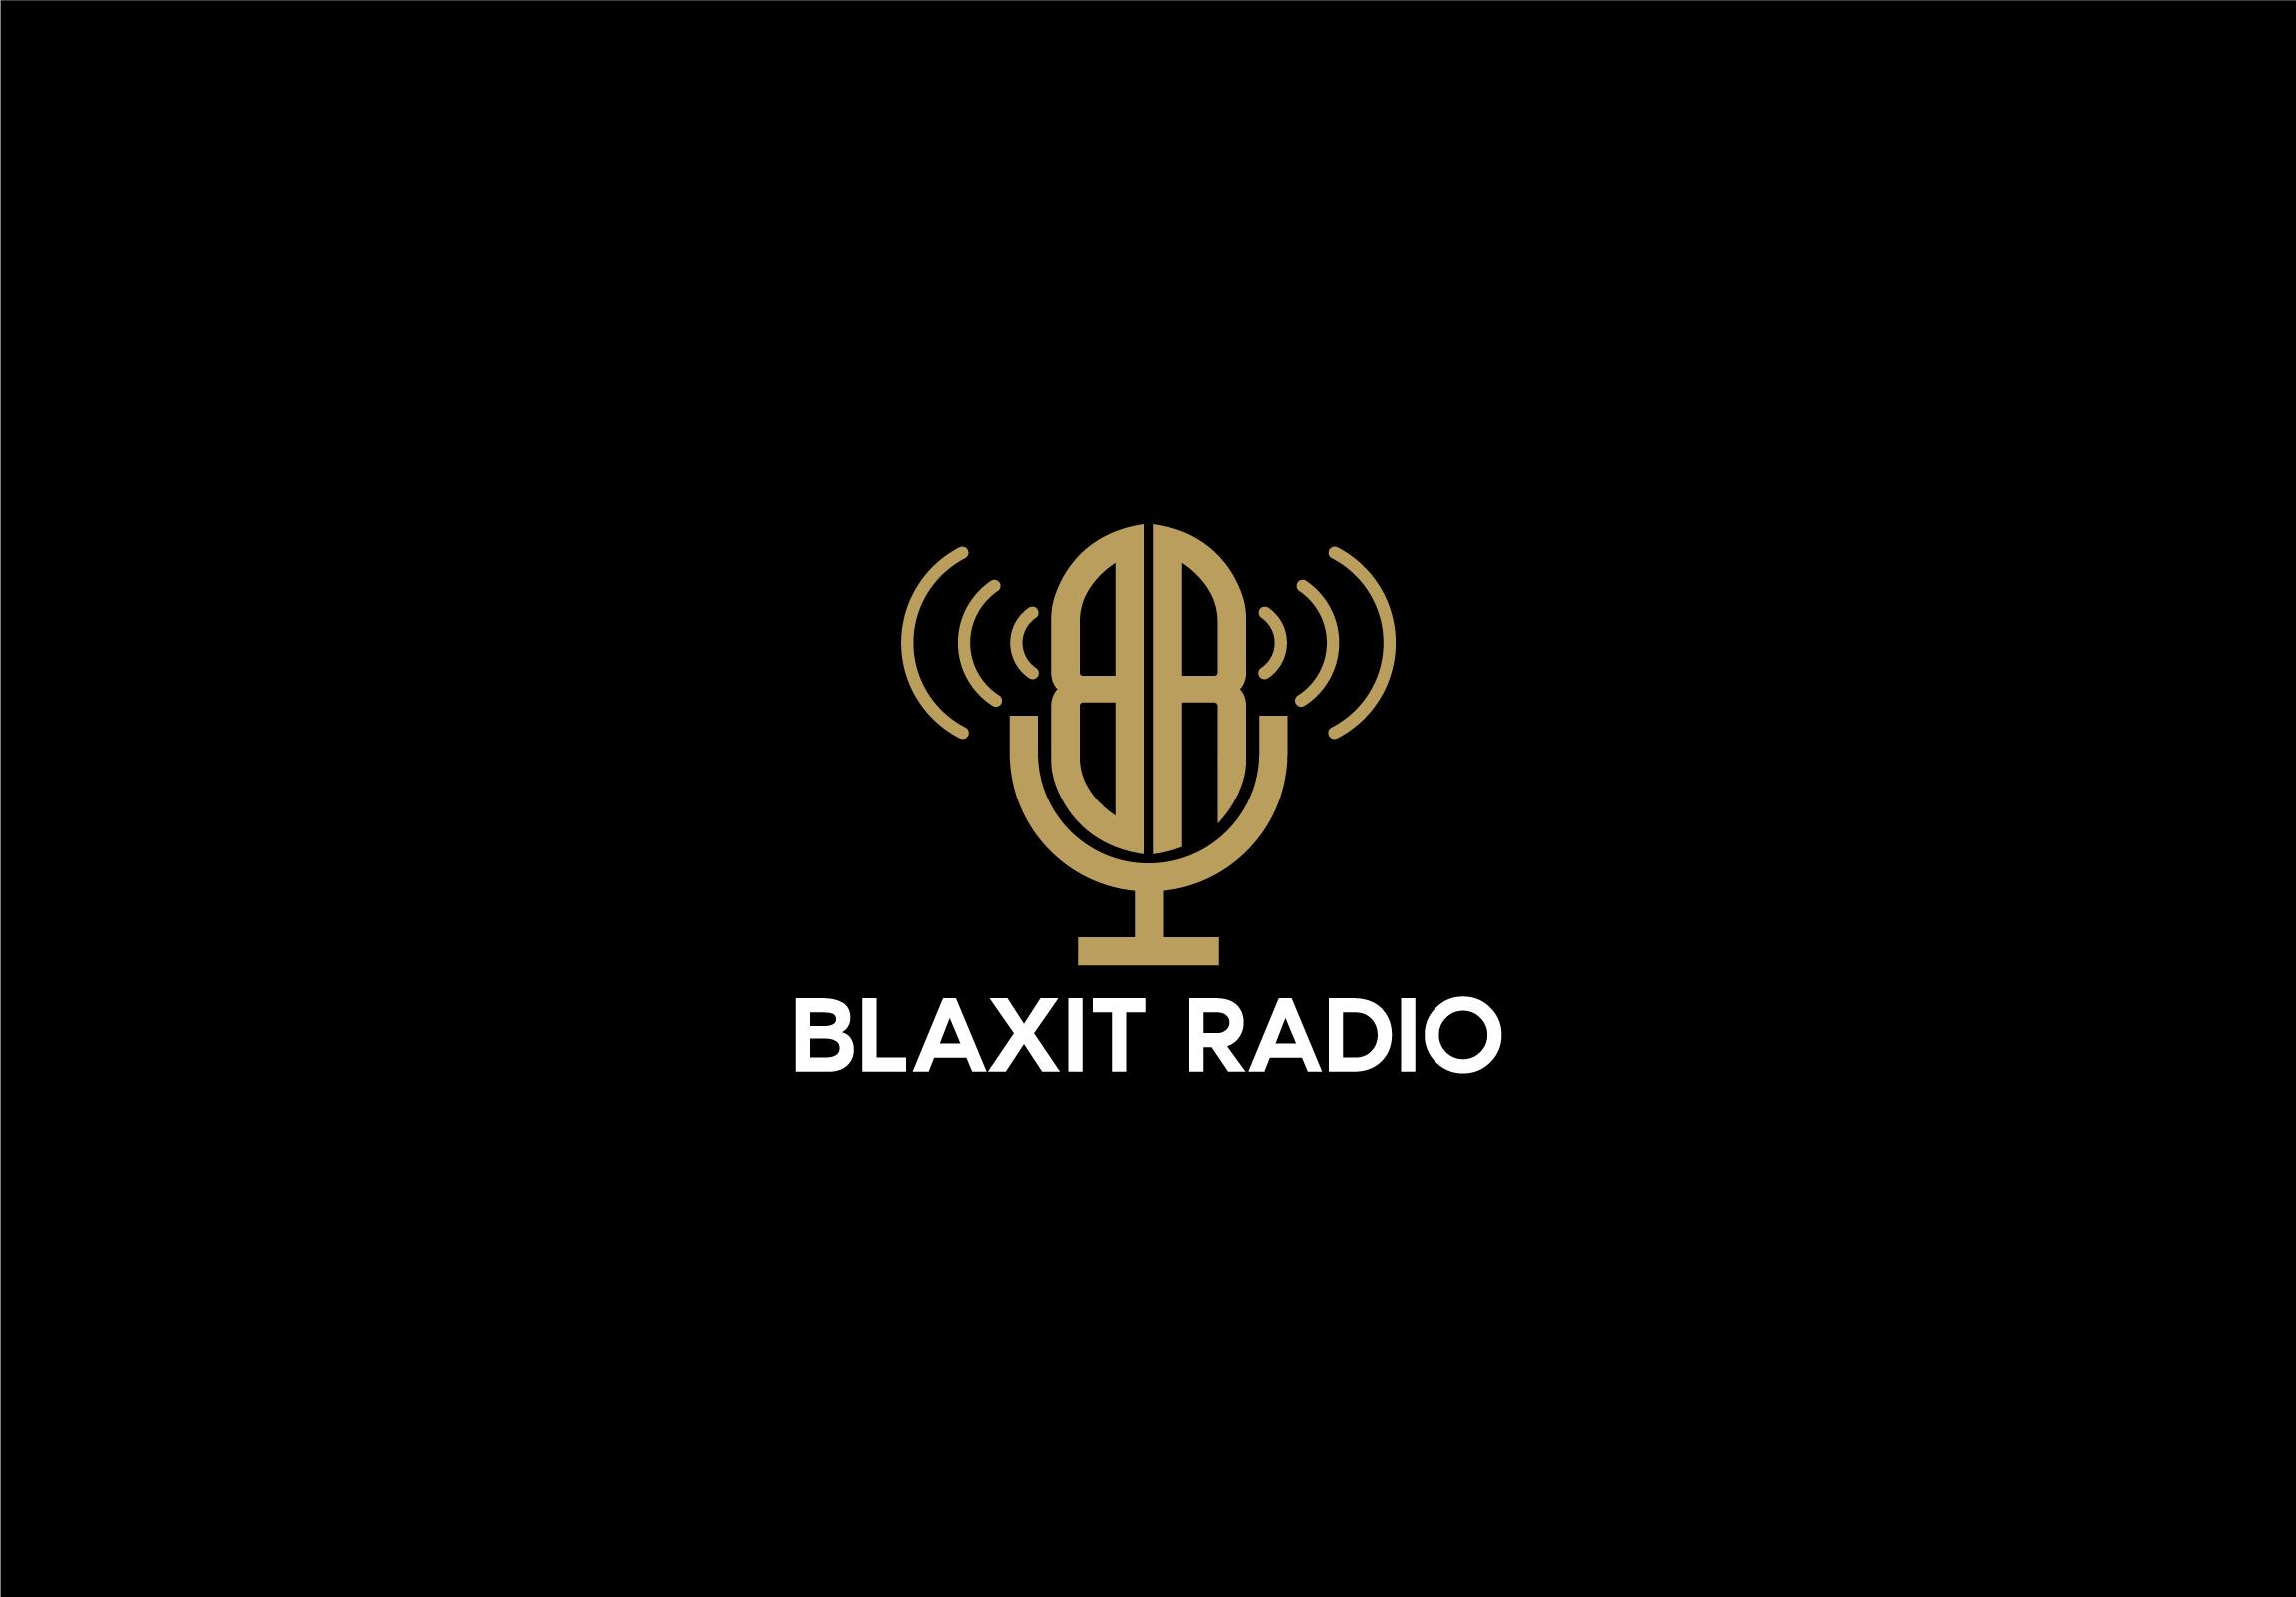 Blaxit Radio